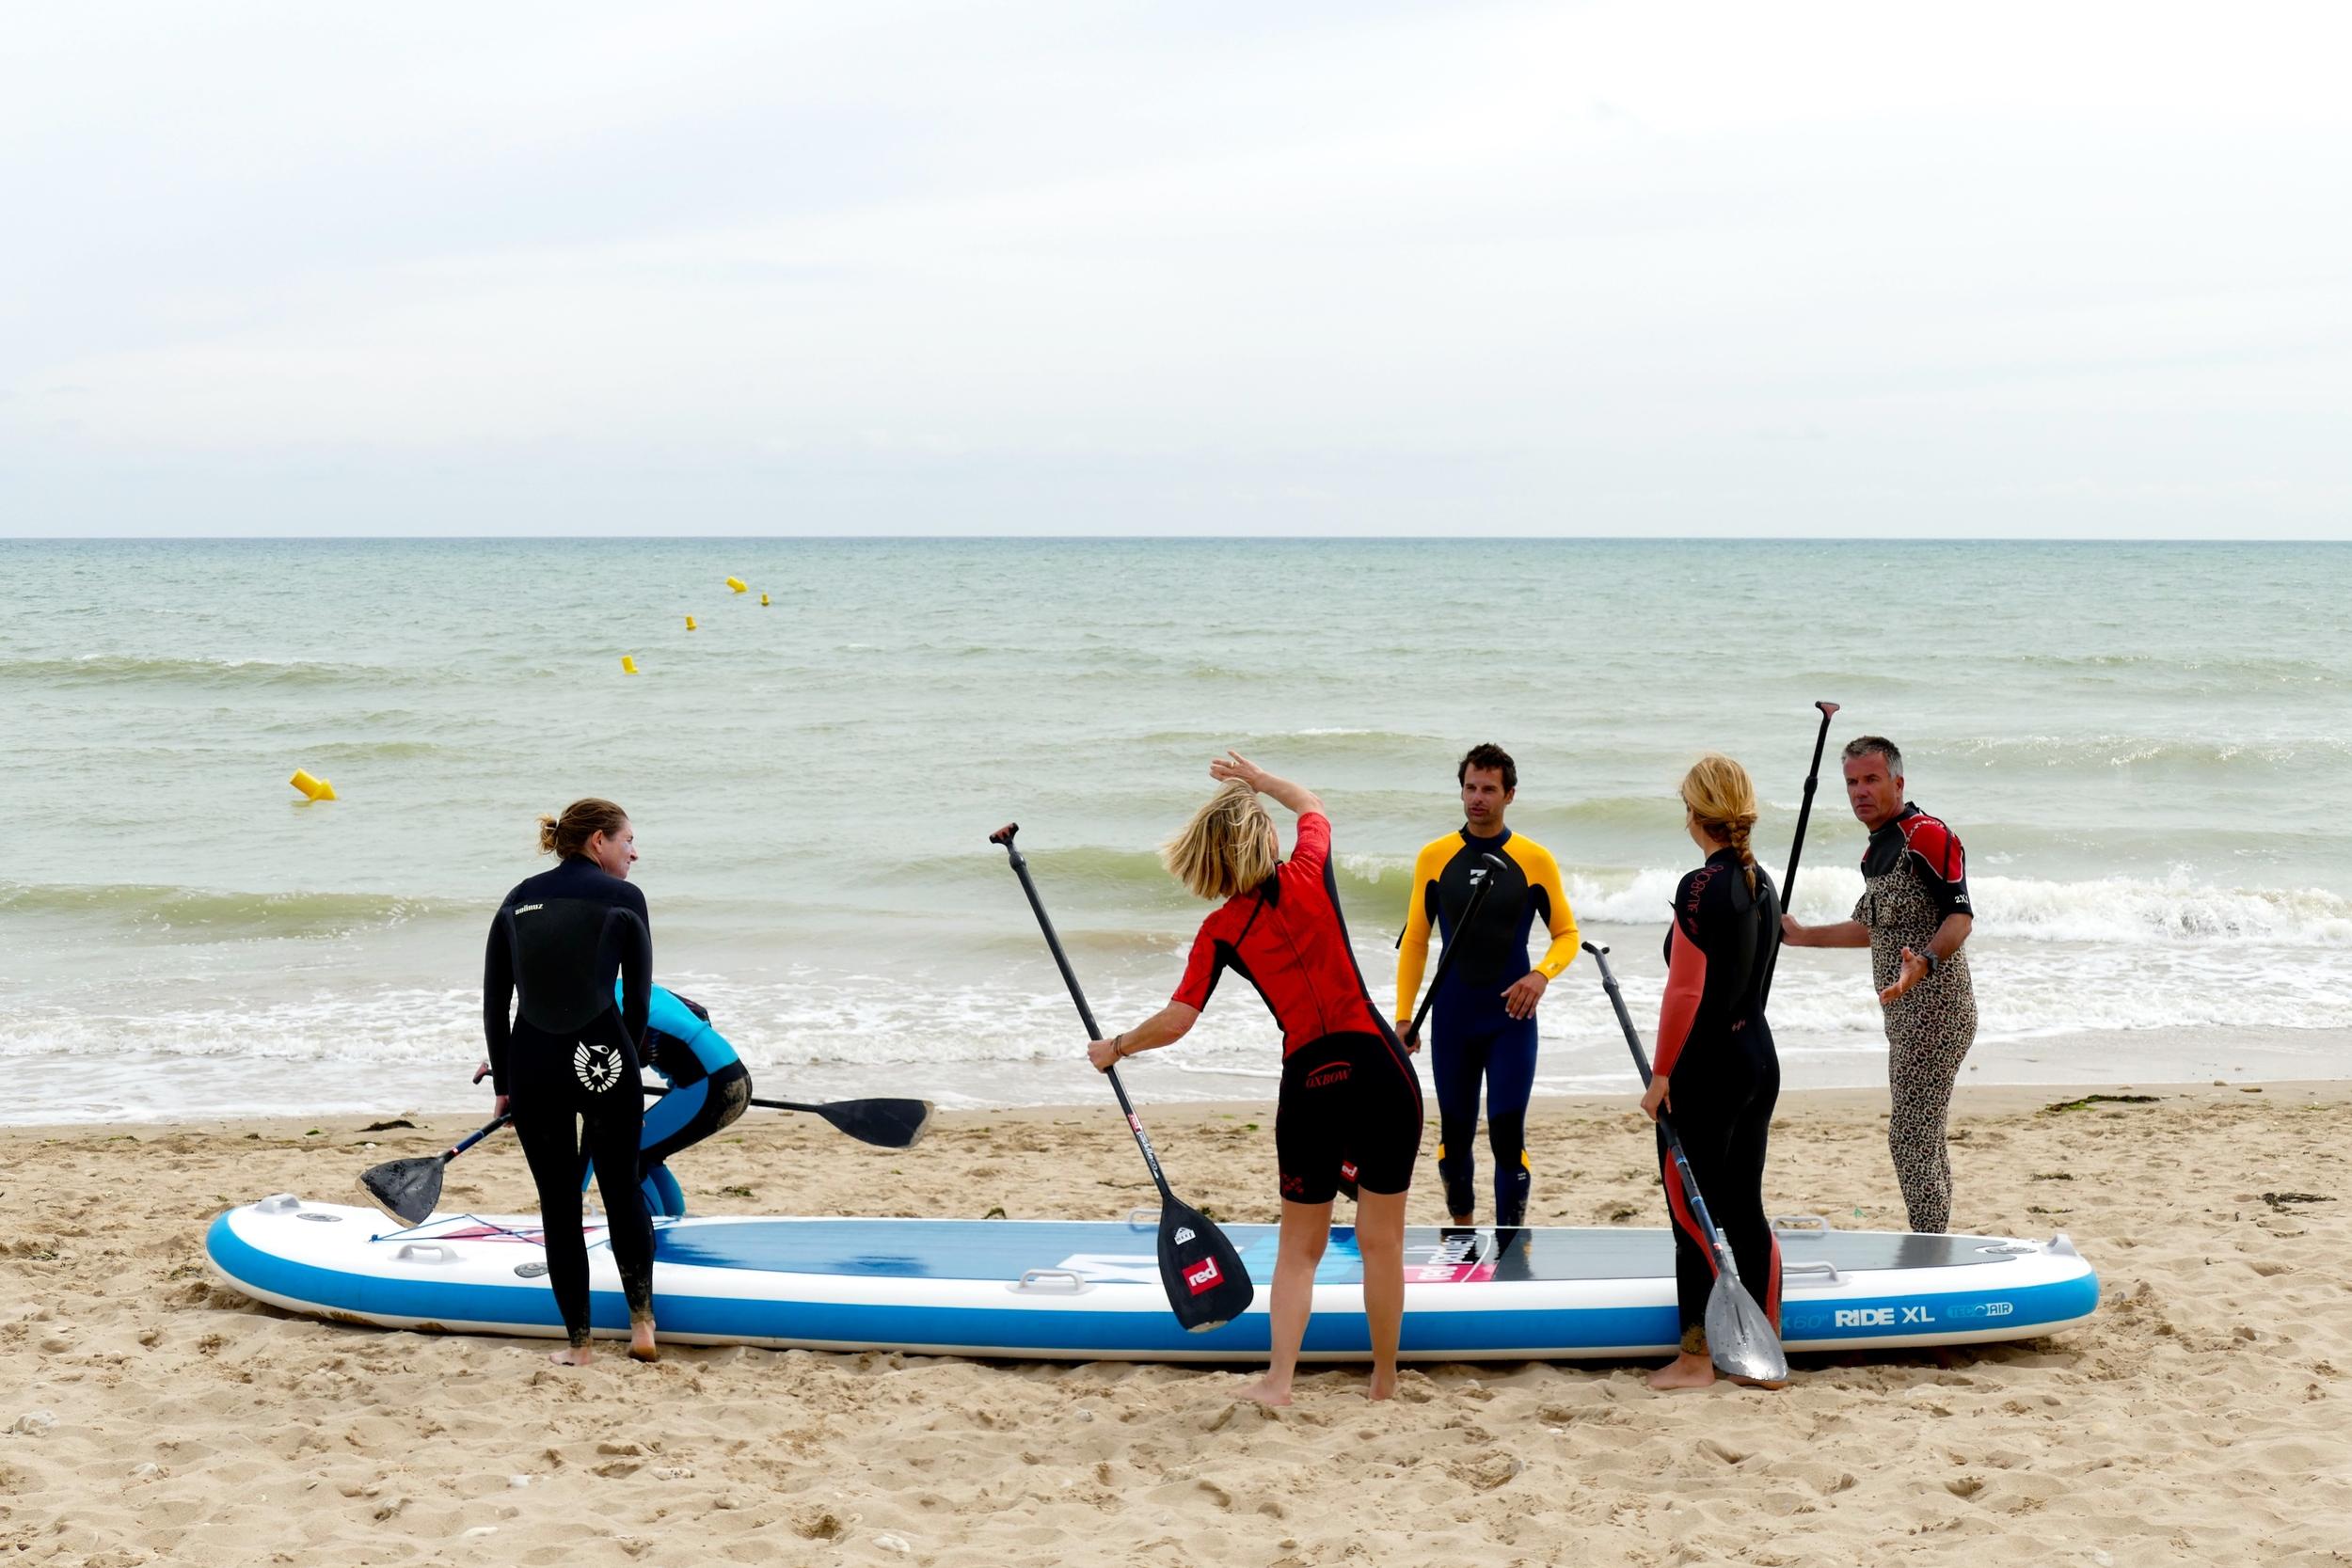 Epreuve de SUP Surfing en XL Red Paddle Co